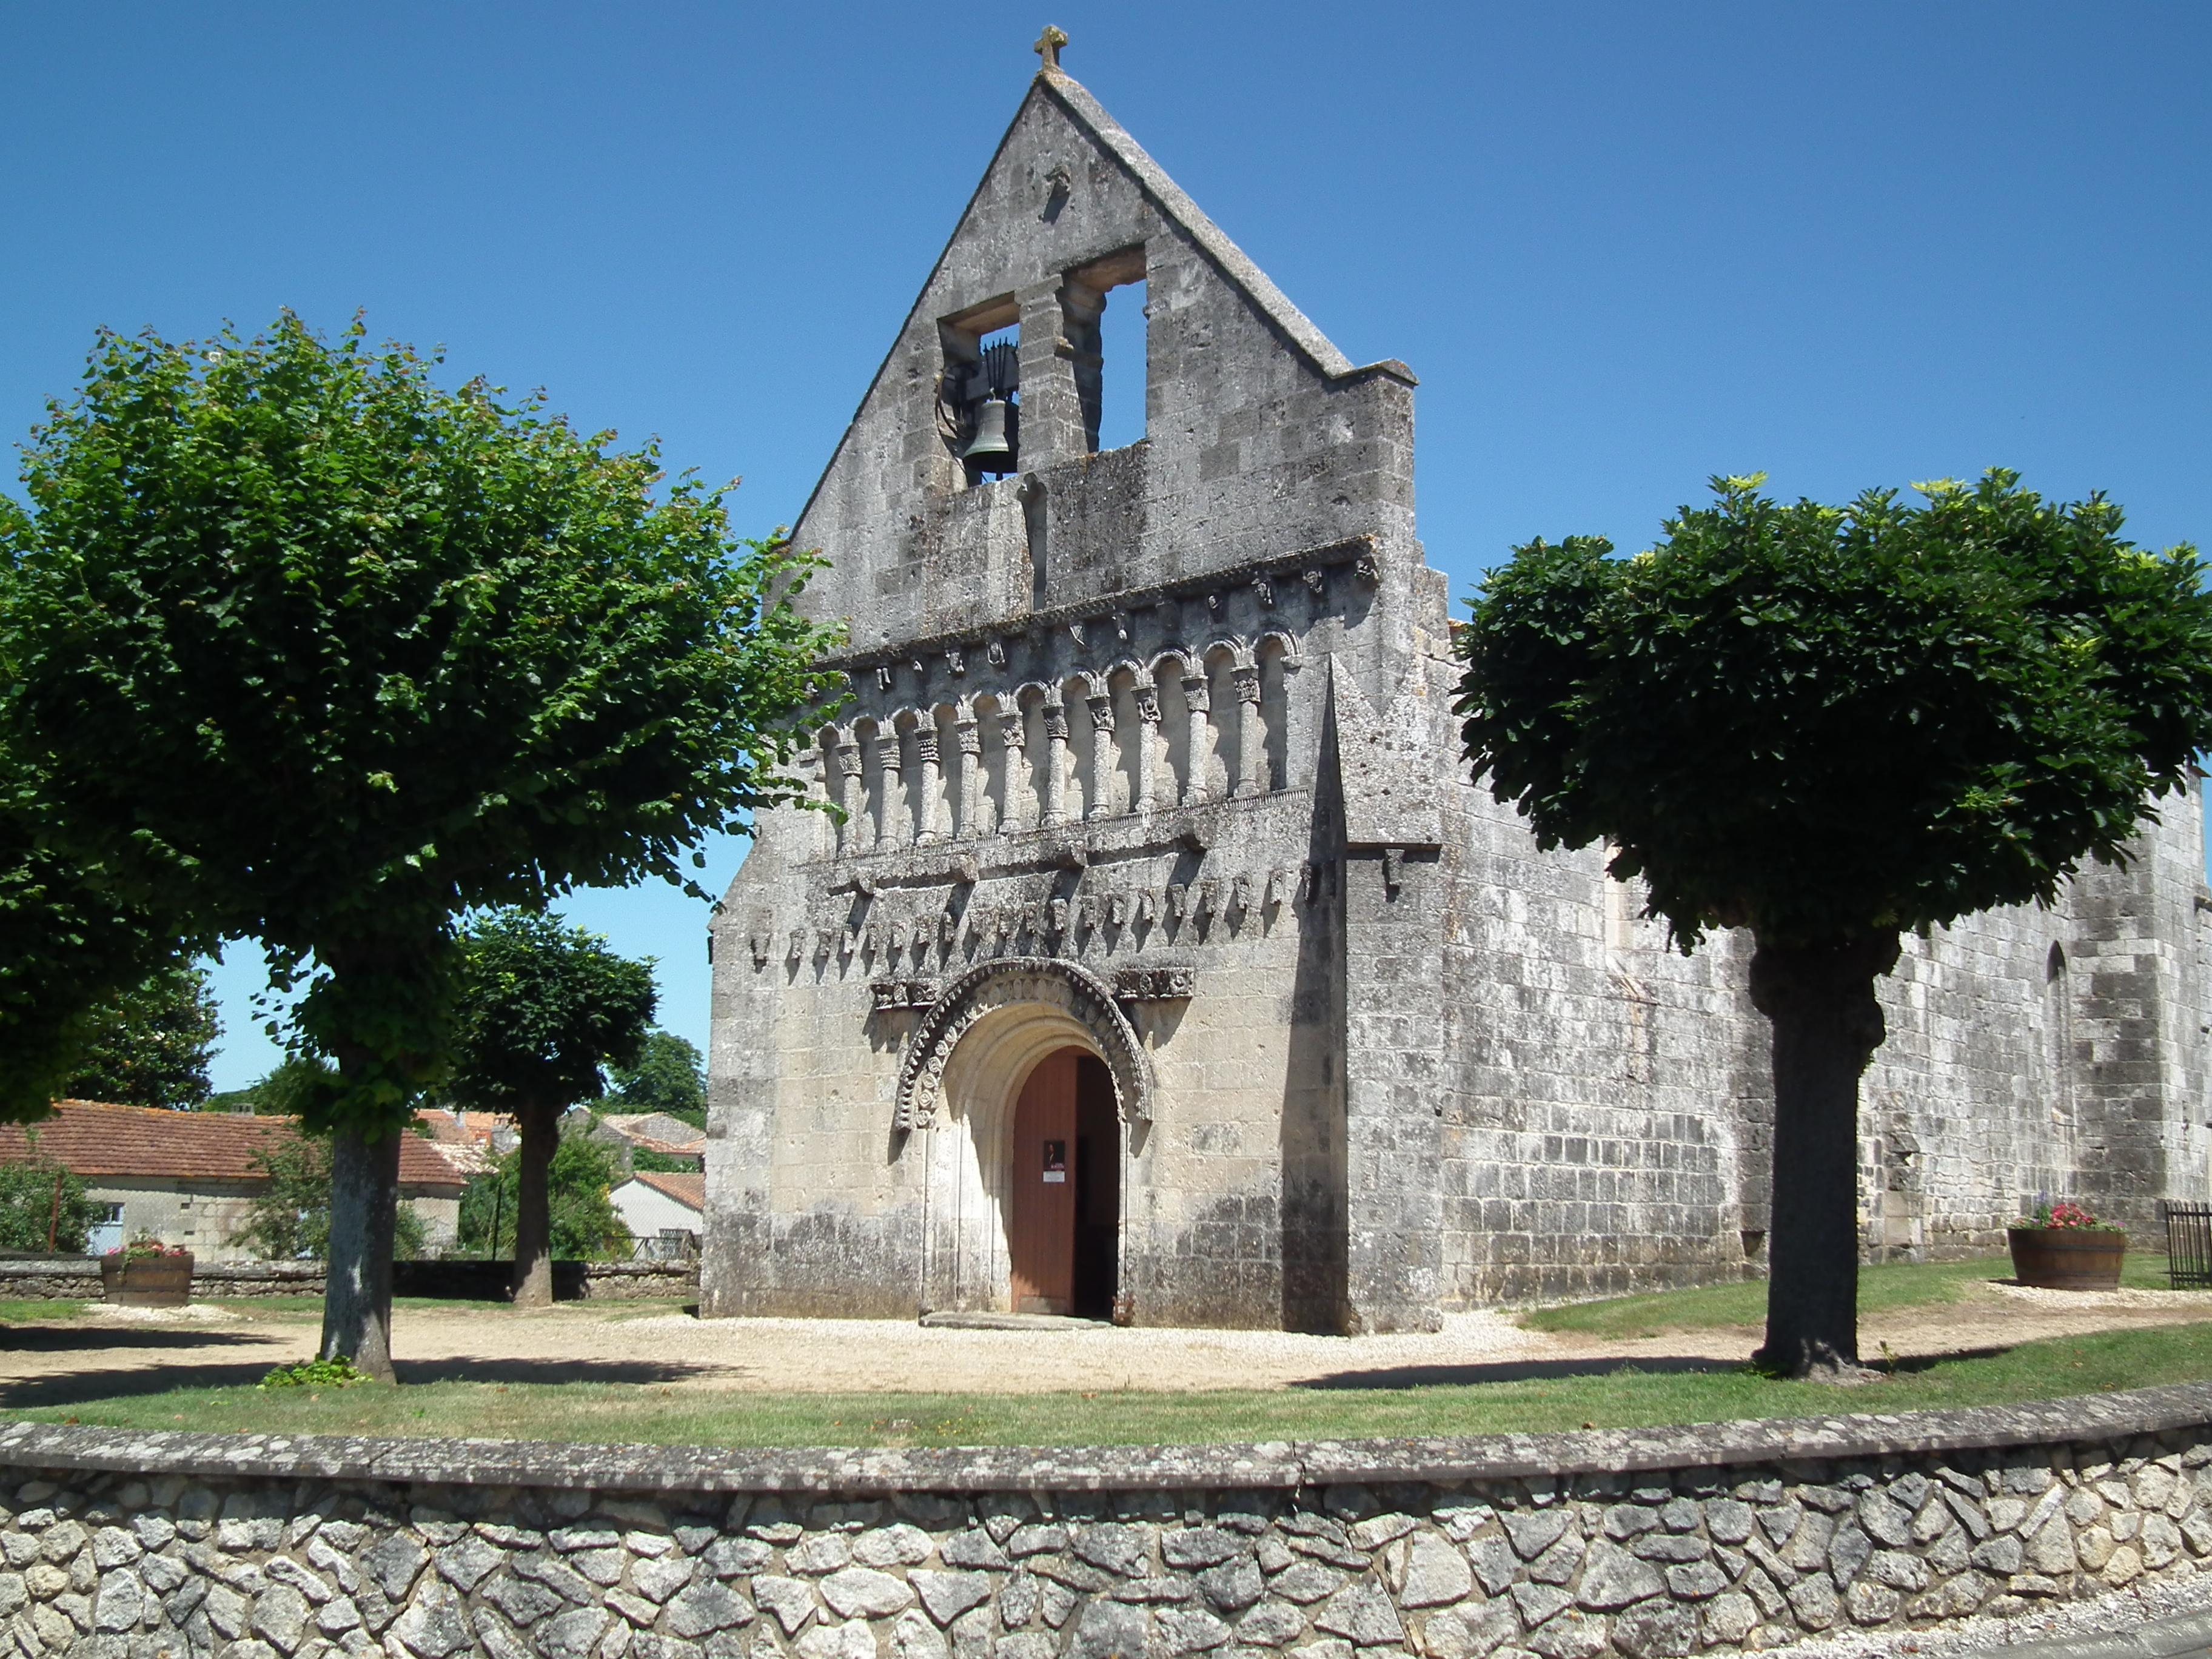 Saint-Quantin-de-Rançanne